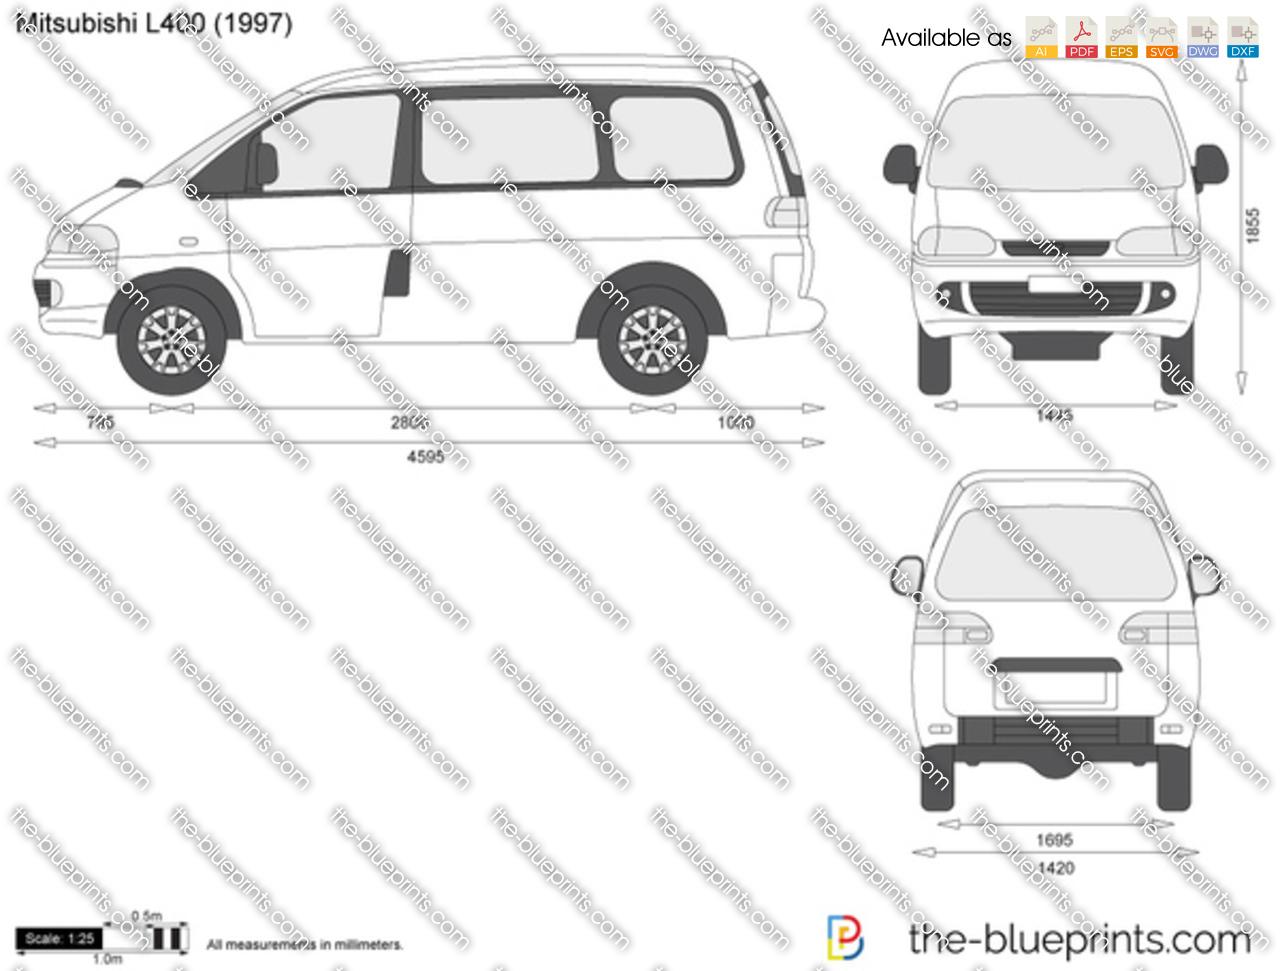 Mitsubishi L400 1996